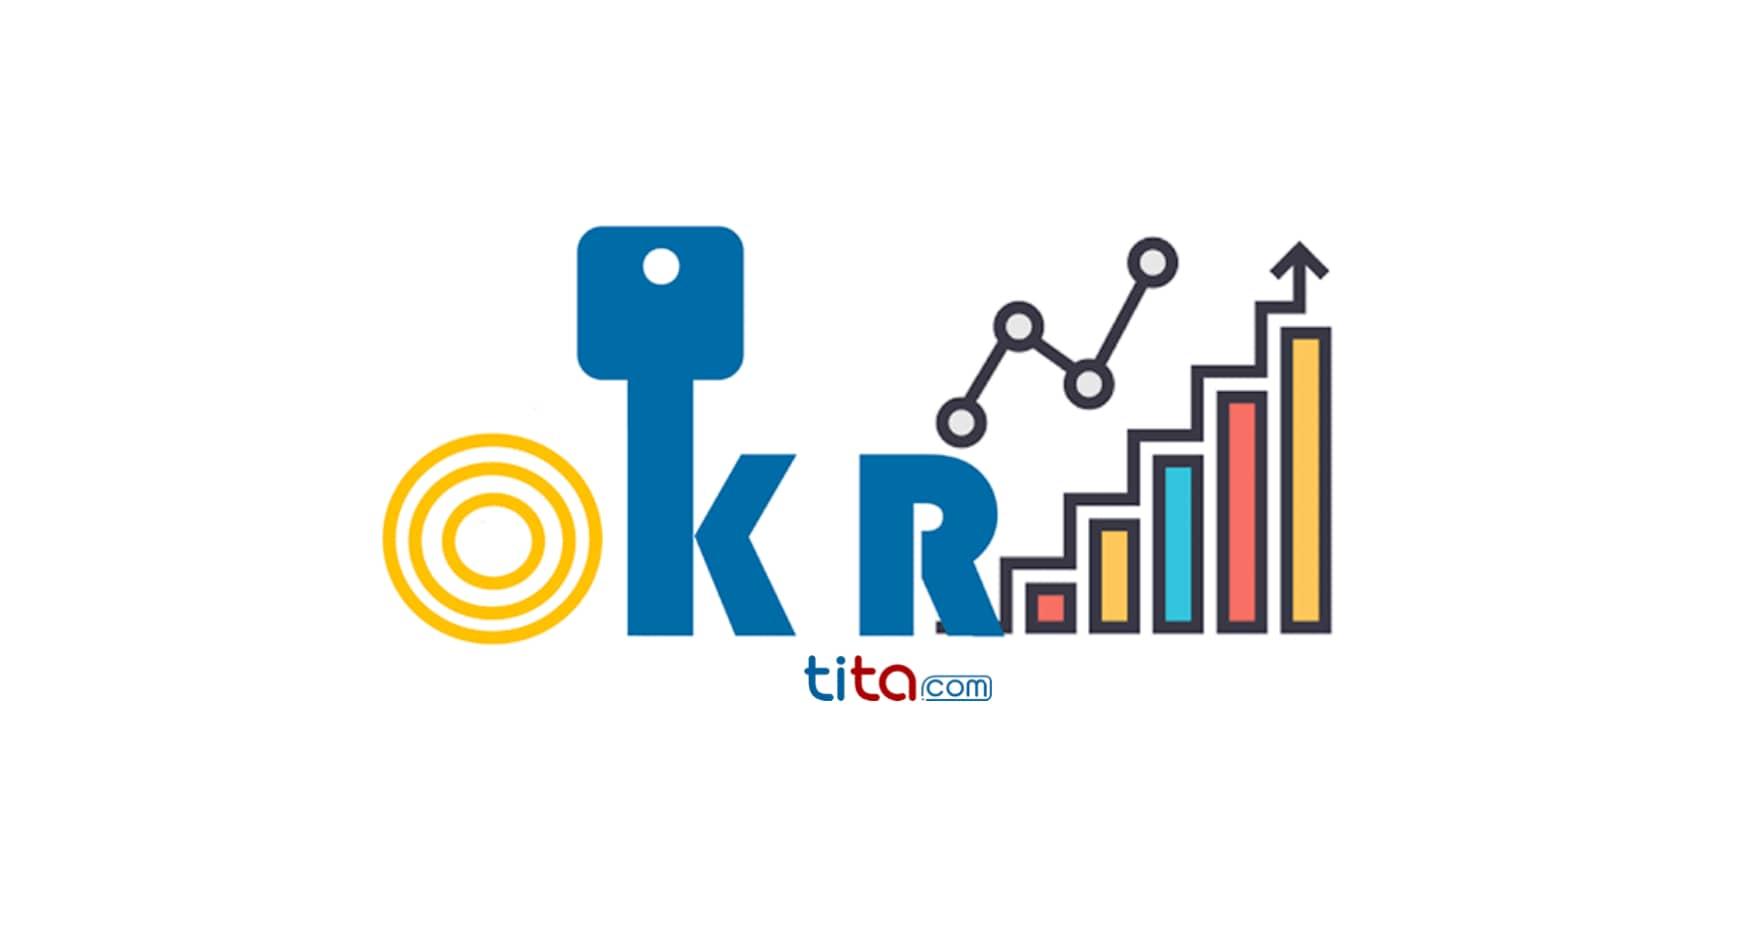 增加收入的销售 OKR 案例 - 用这些 OKR 范例来设定你的销售团队目标